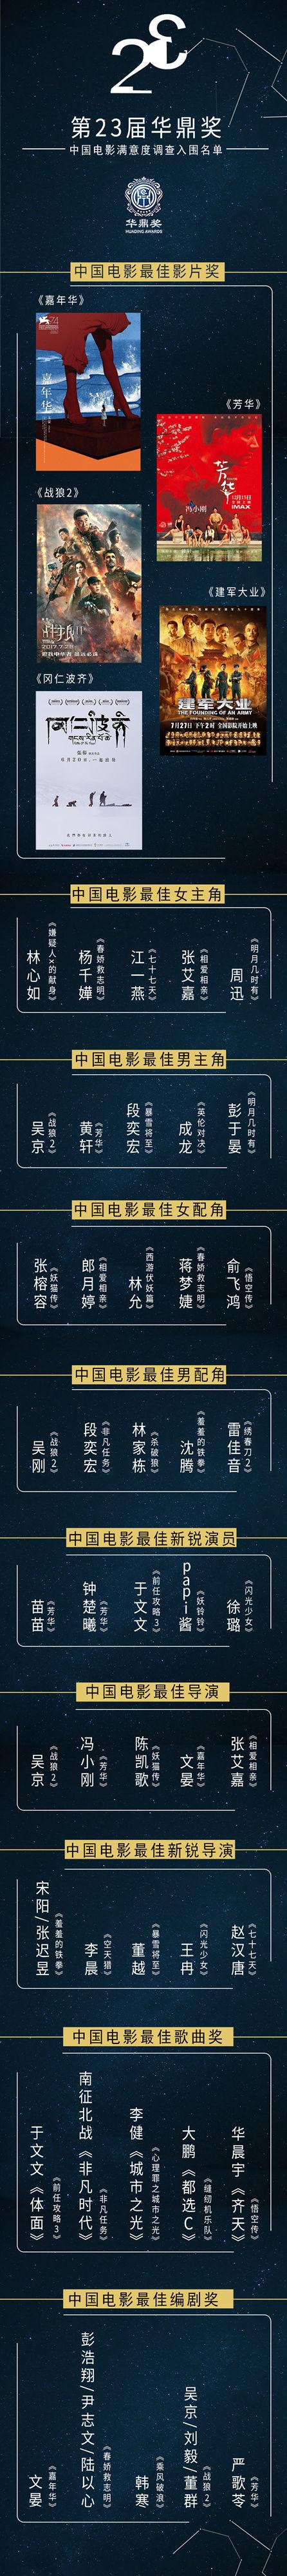 第23届华鼎奖提名揭晓 《战狼2》《芳华》双雄逐鹿